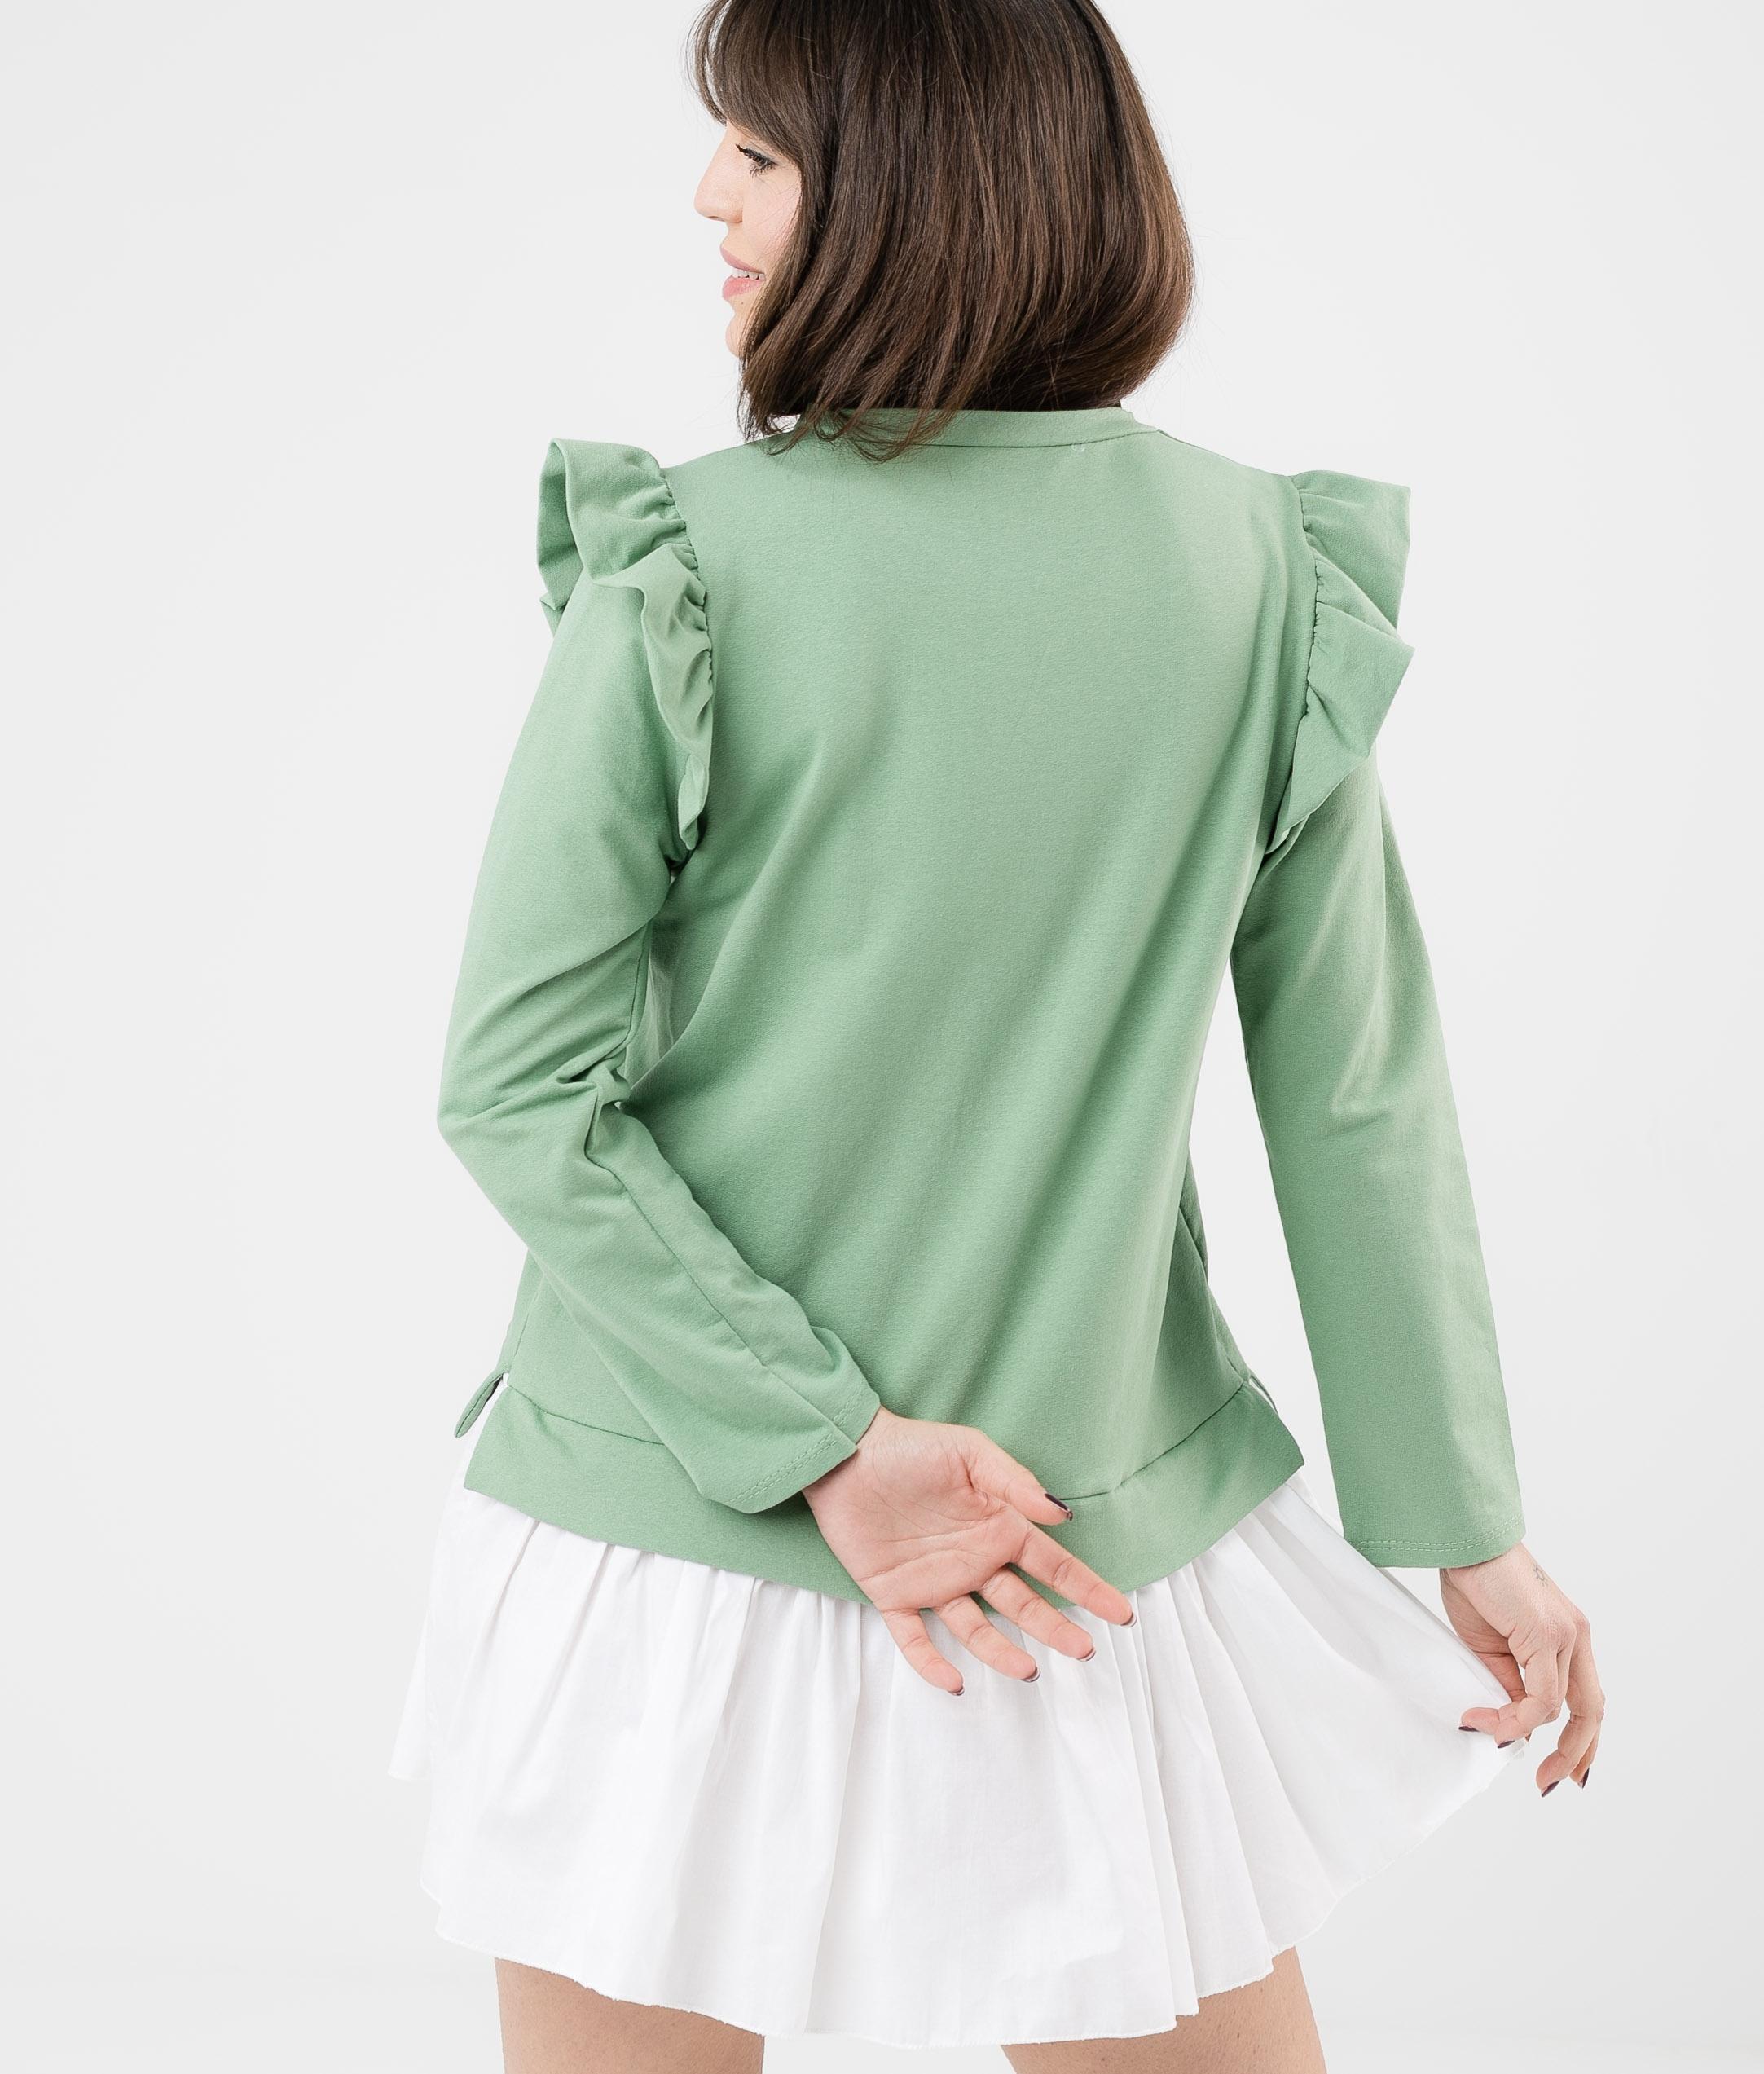 KATPUM DRESS - GREEN